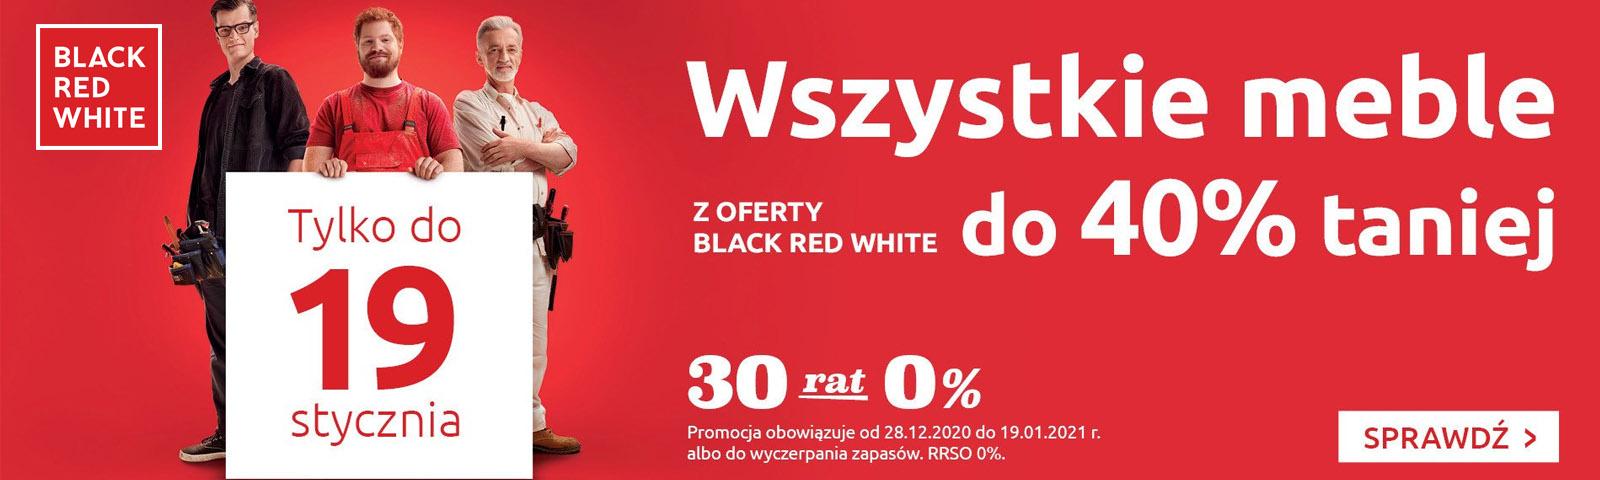 Black Red White kupony rabatowe